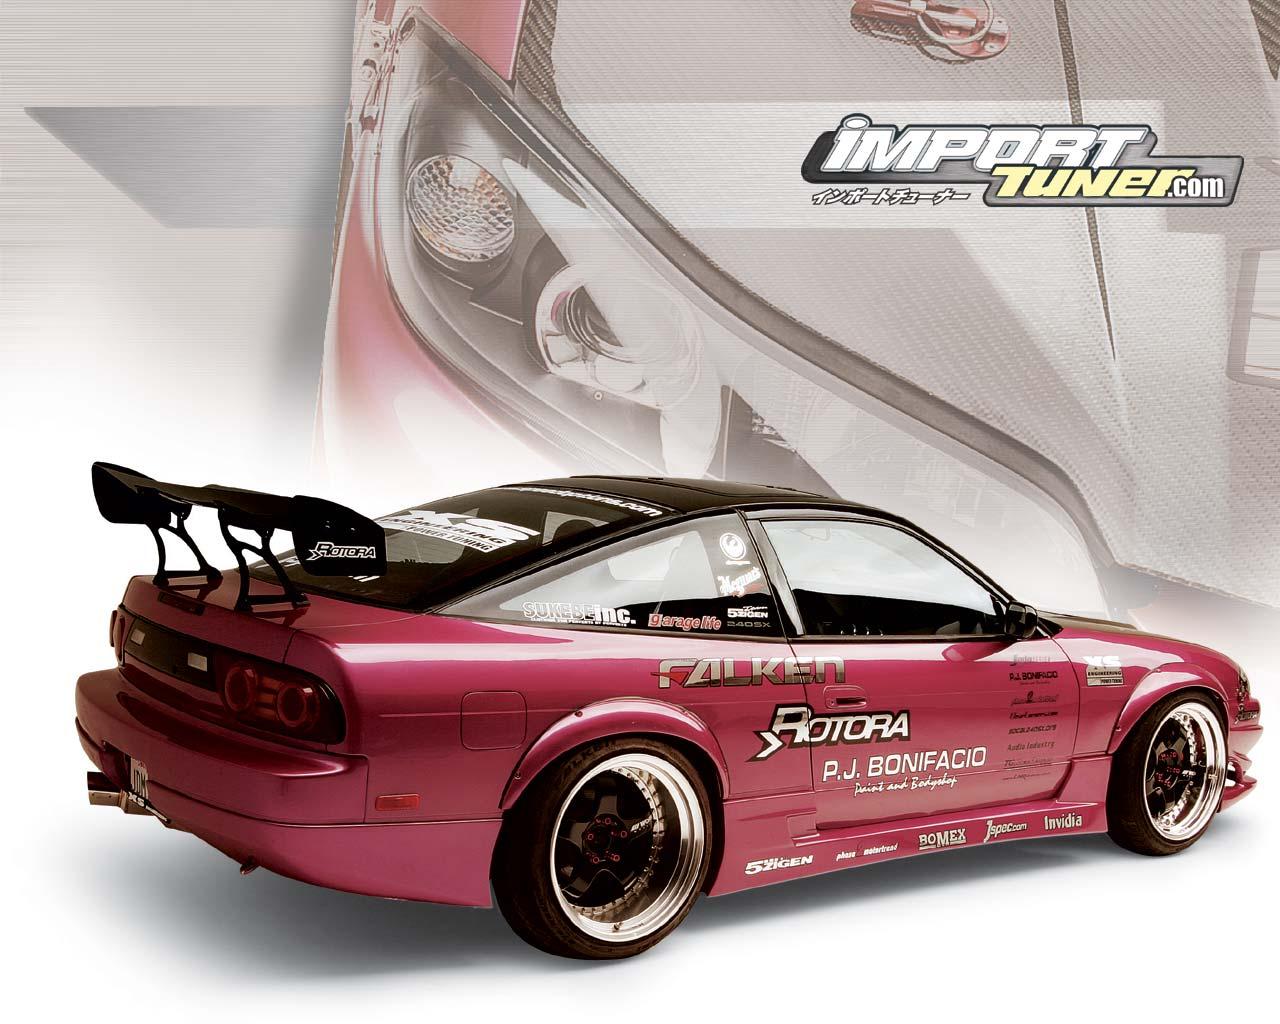 http://2.bp.blogspot.com/-MzYDWe11uZM/T0fVvN75JpI/AAAAAAAAASM/O8vurJ-RN4A/s1600/nissan-240sx-car.jpg